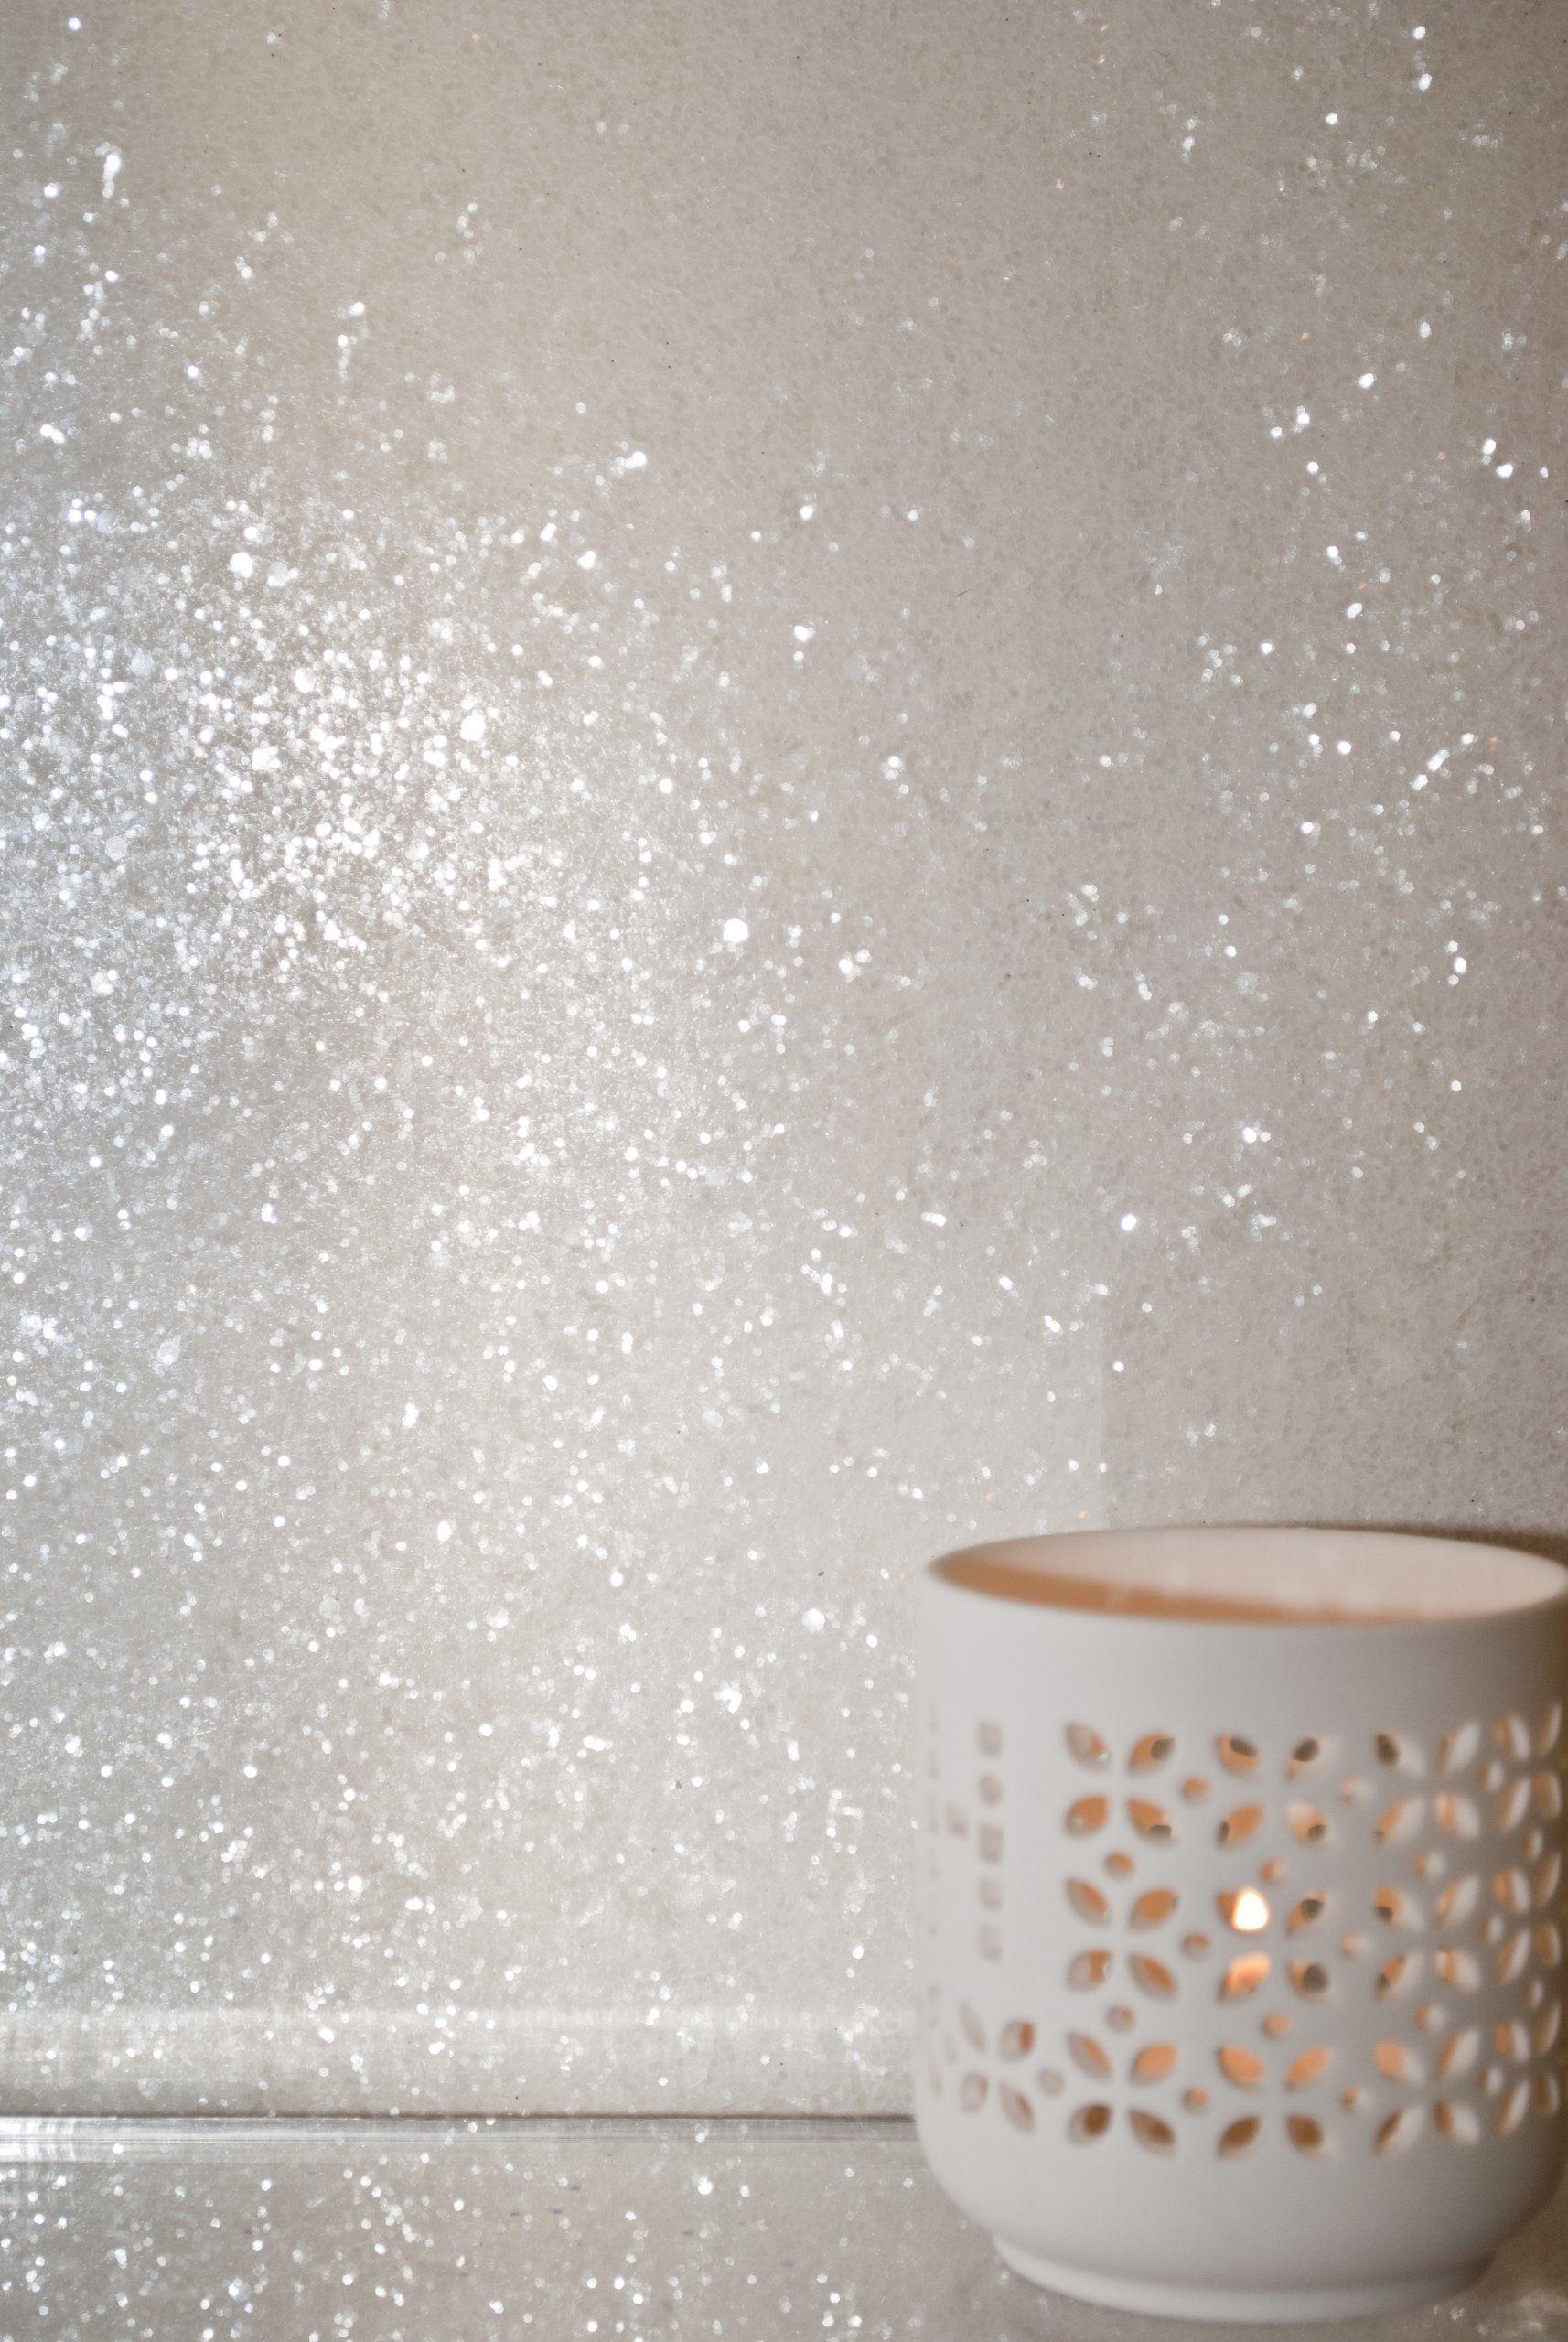 Glitter Wallpaper (Pale Gold) price per metre Amazon.co